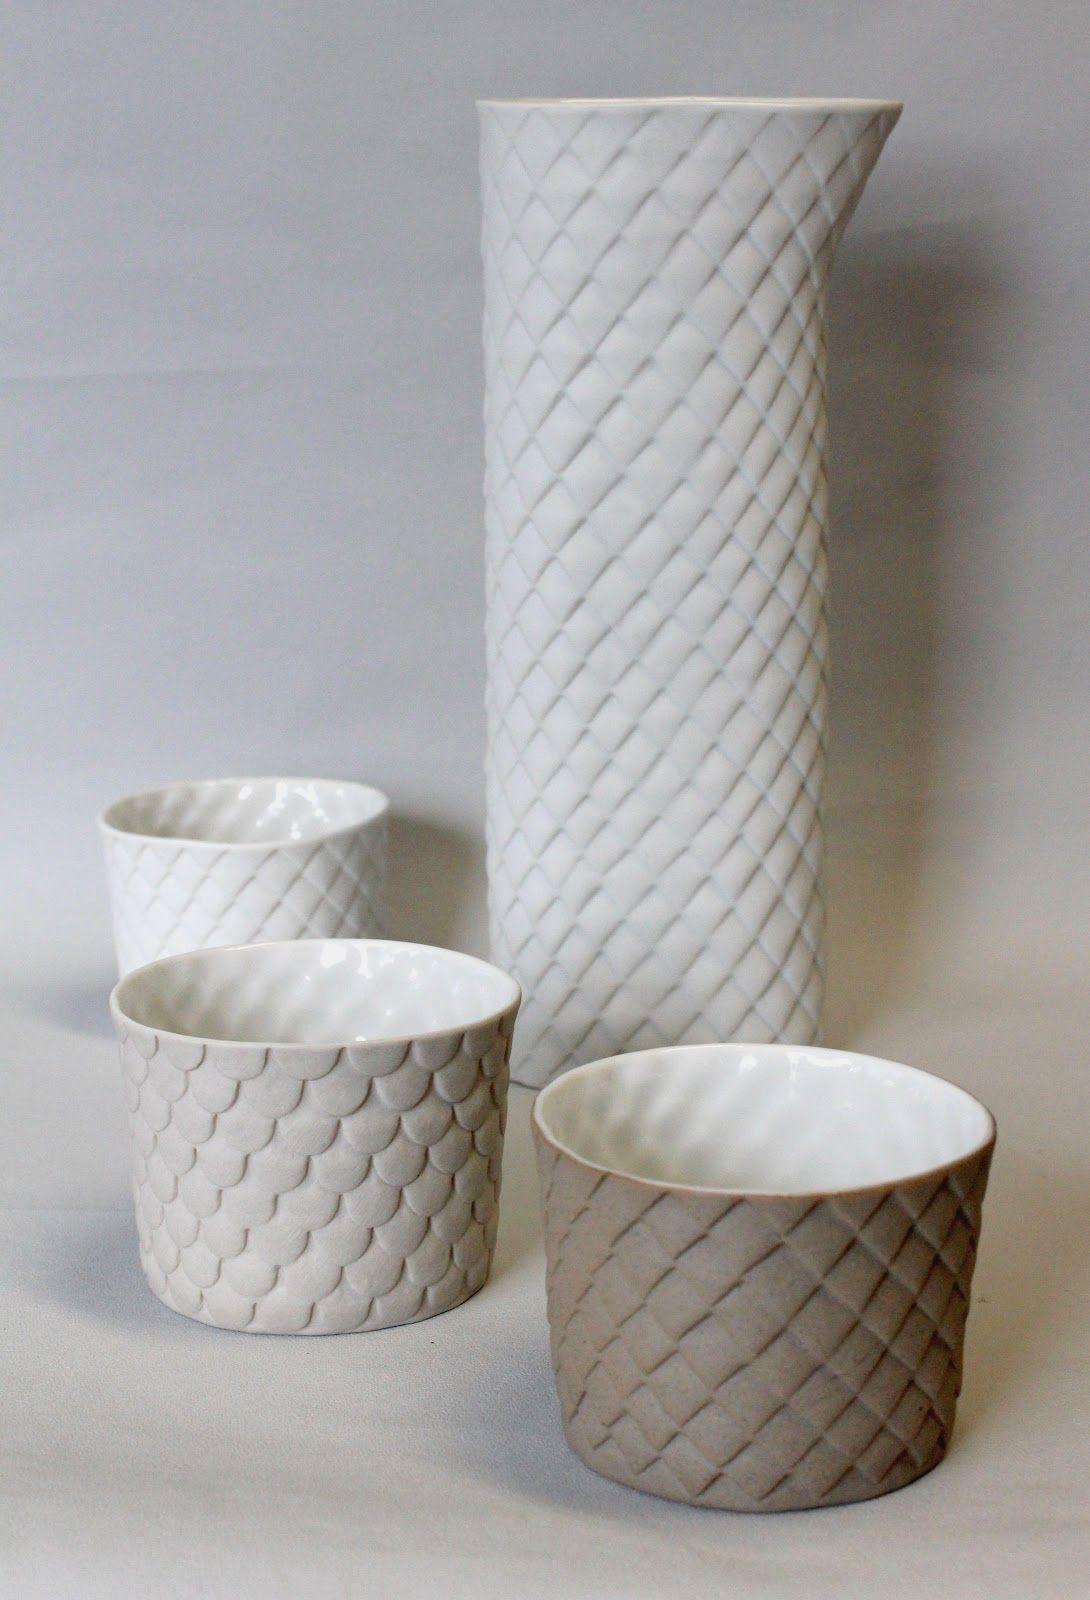 toji c ramique contemporaine japonaise decor ceramique pinterest. Black Bedroom Furniture Sets. Home Design Ideas